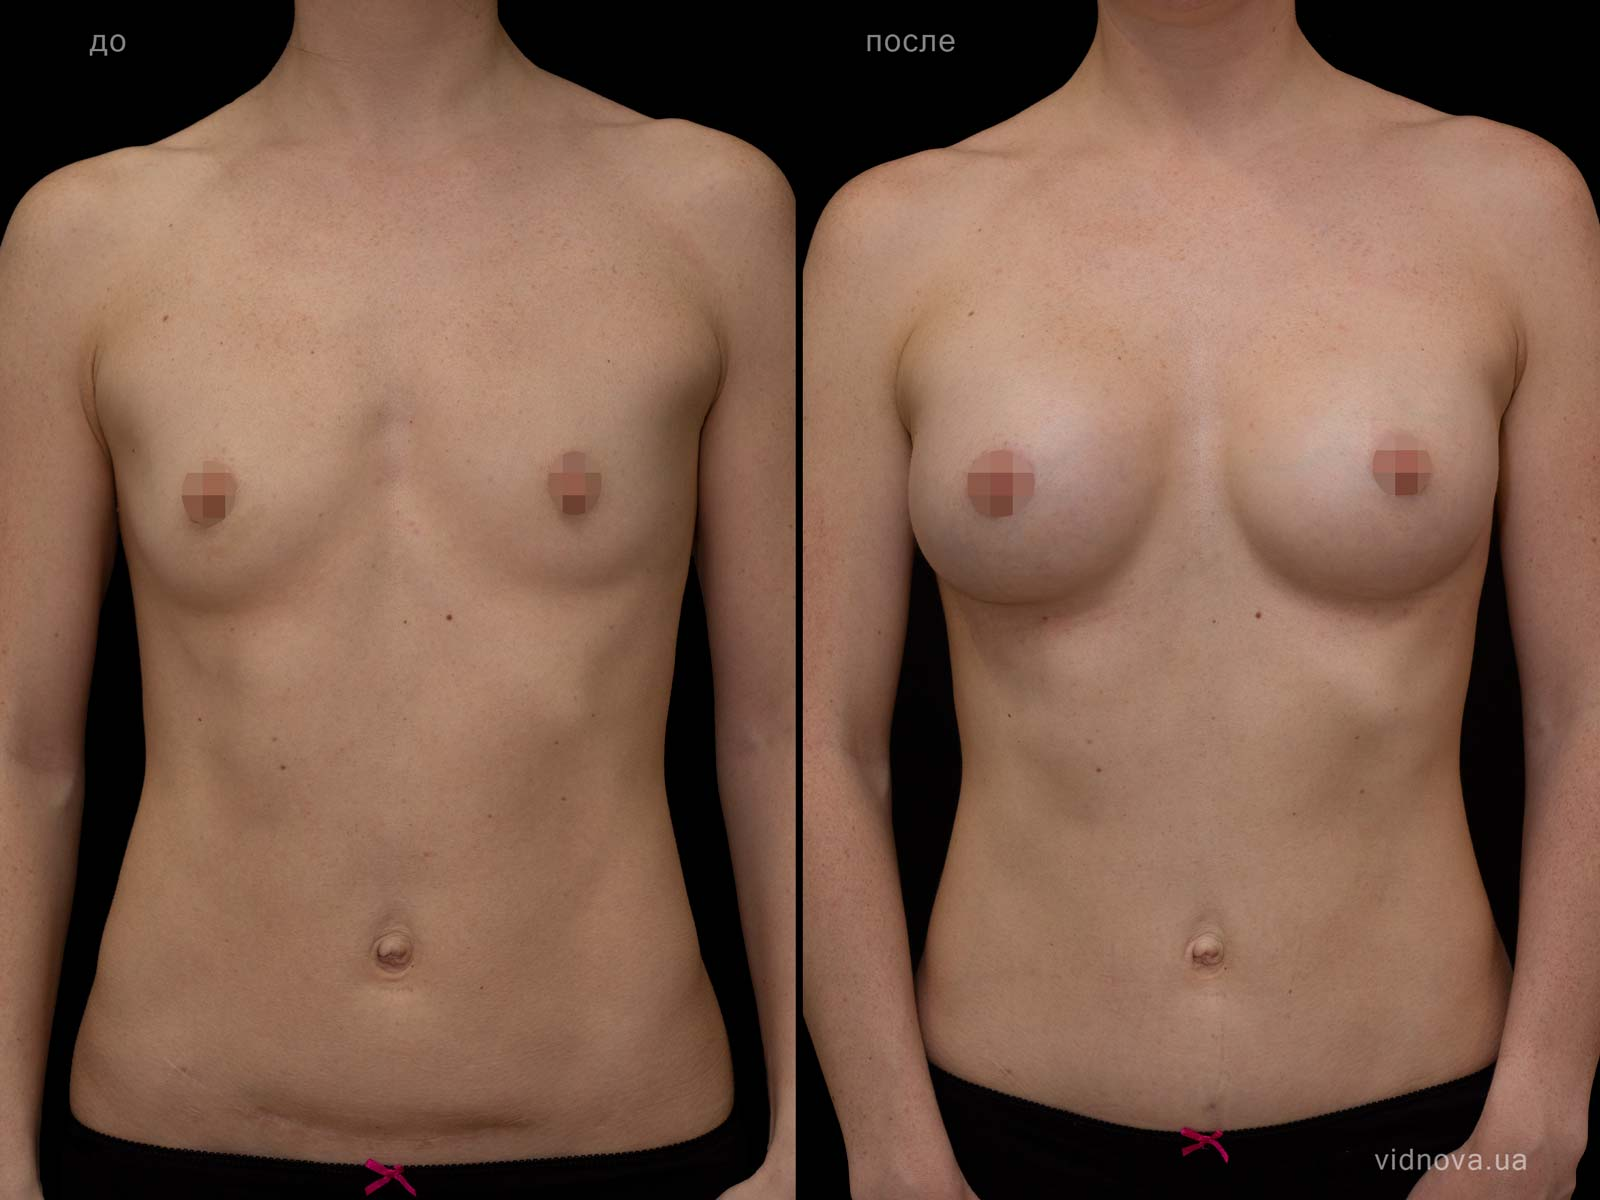 Пластика груди: результаты до и после - Пример №89-0 - Светлана Работенко